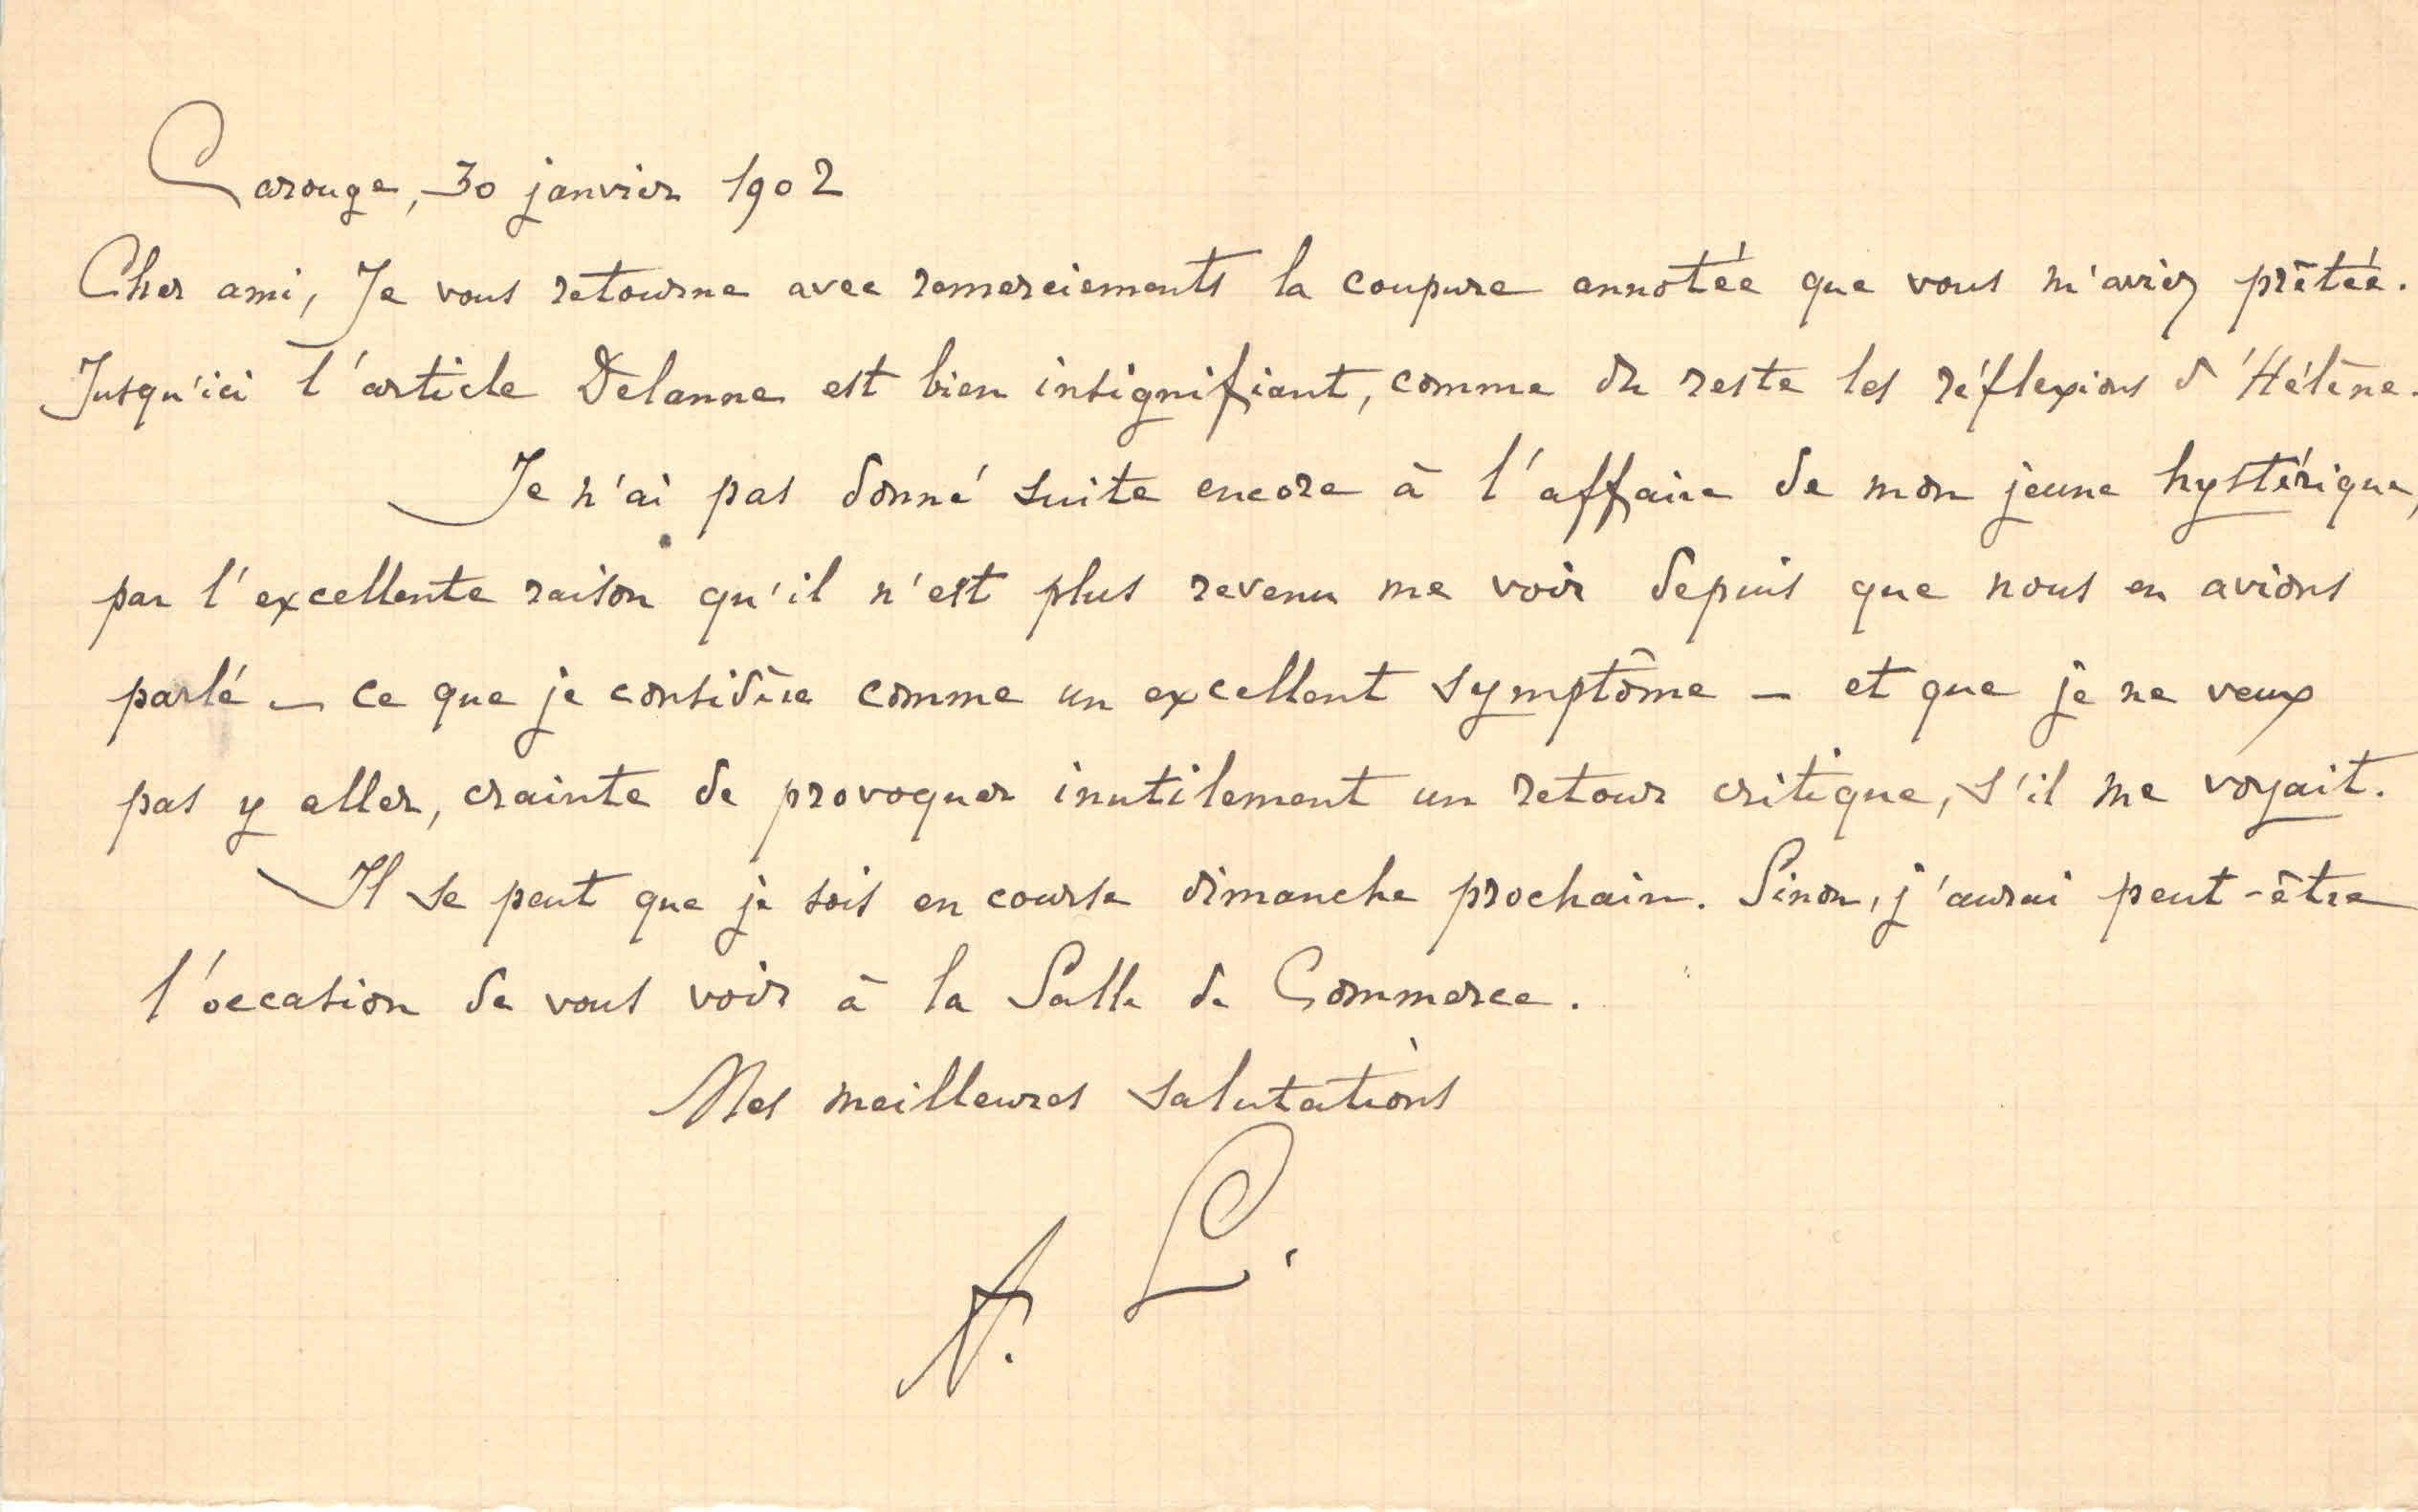 Lettre de Monsieur Lemaitre